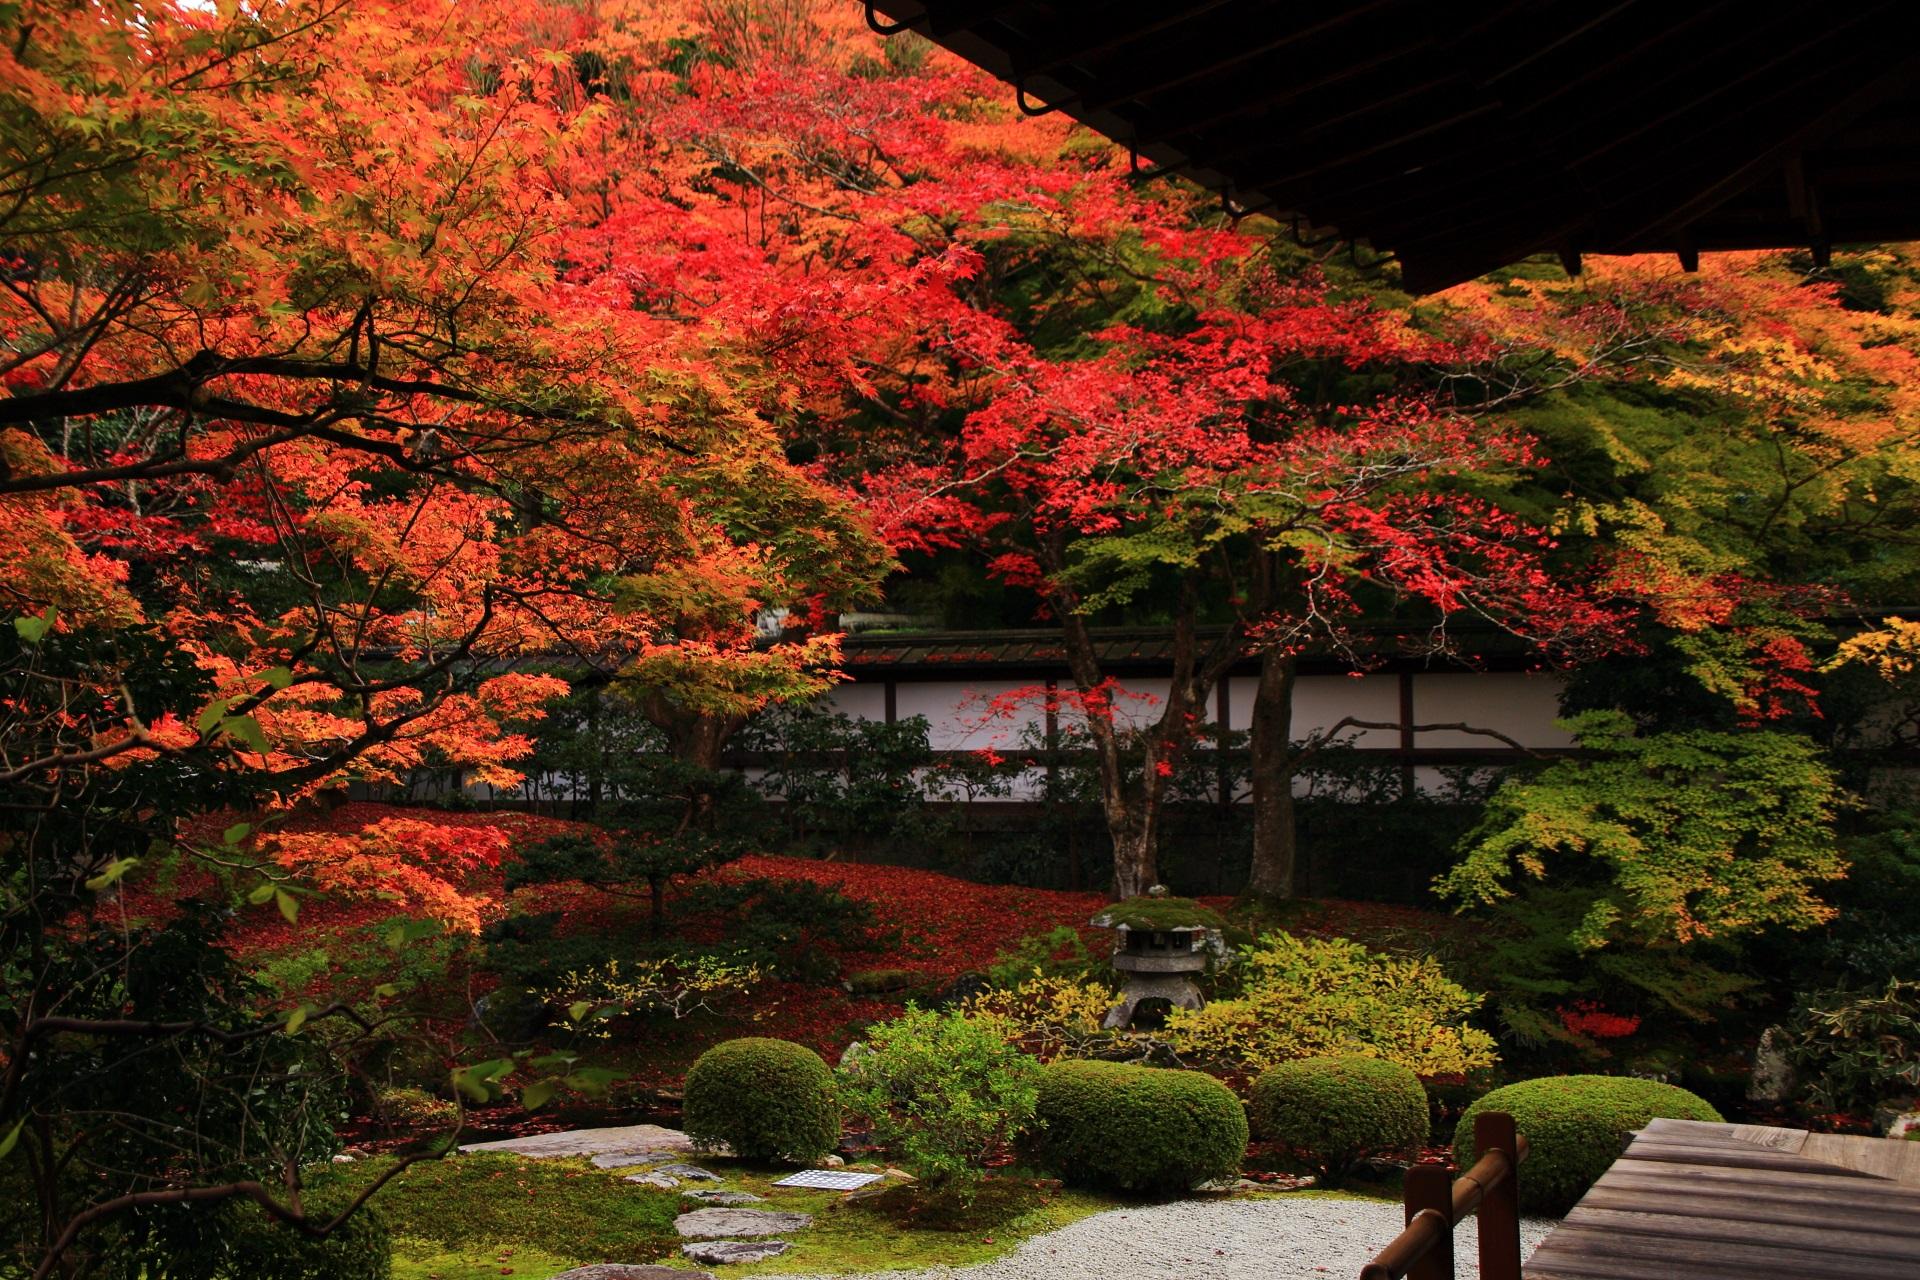 秋の紅葉シーズンは結構混むことがある泉涌寺庭園